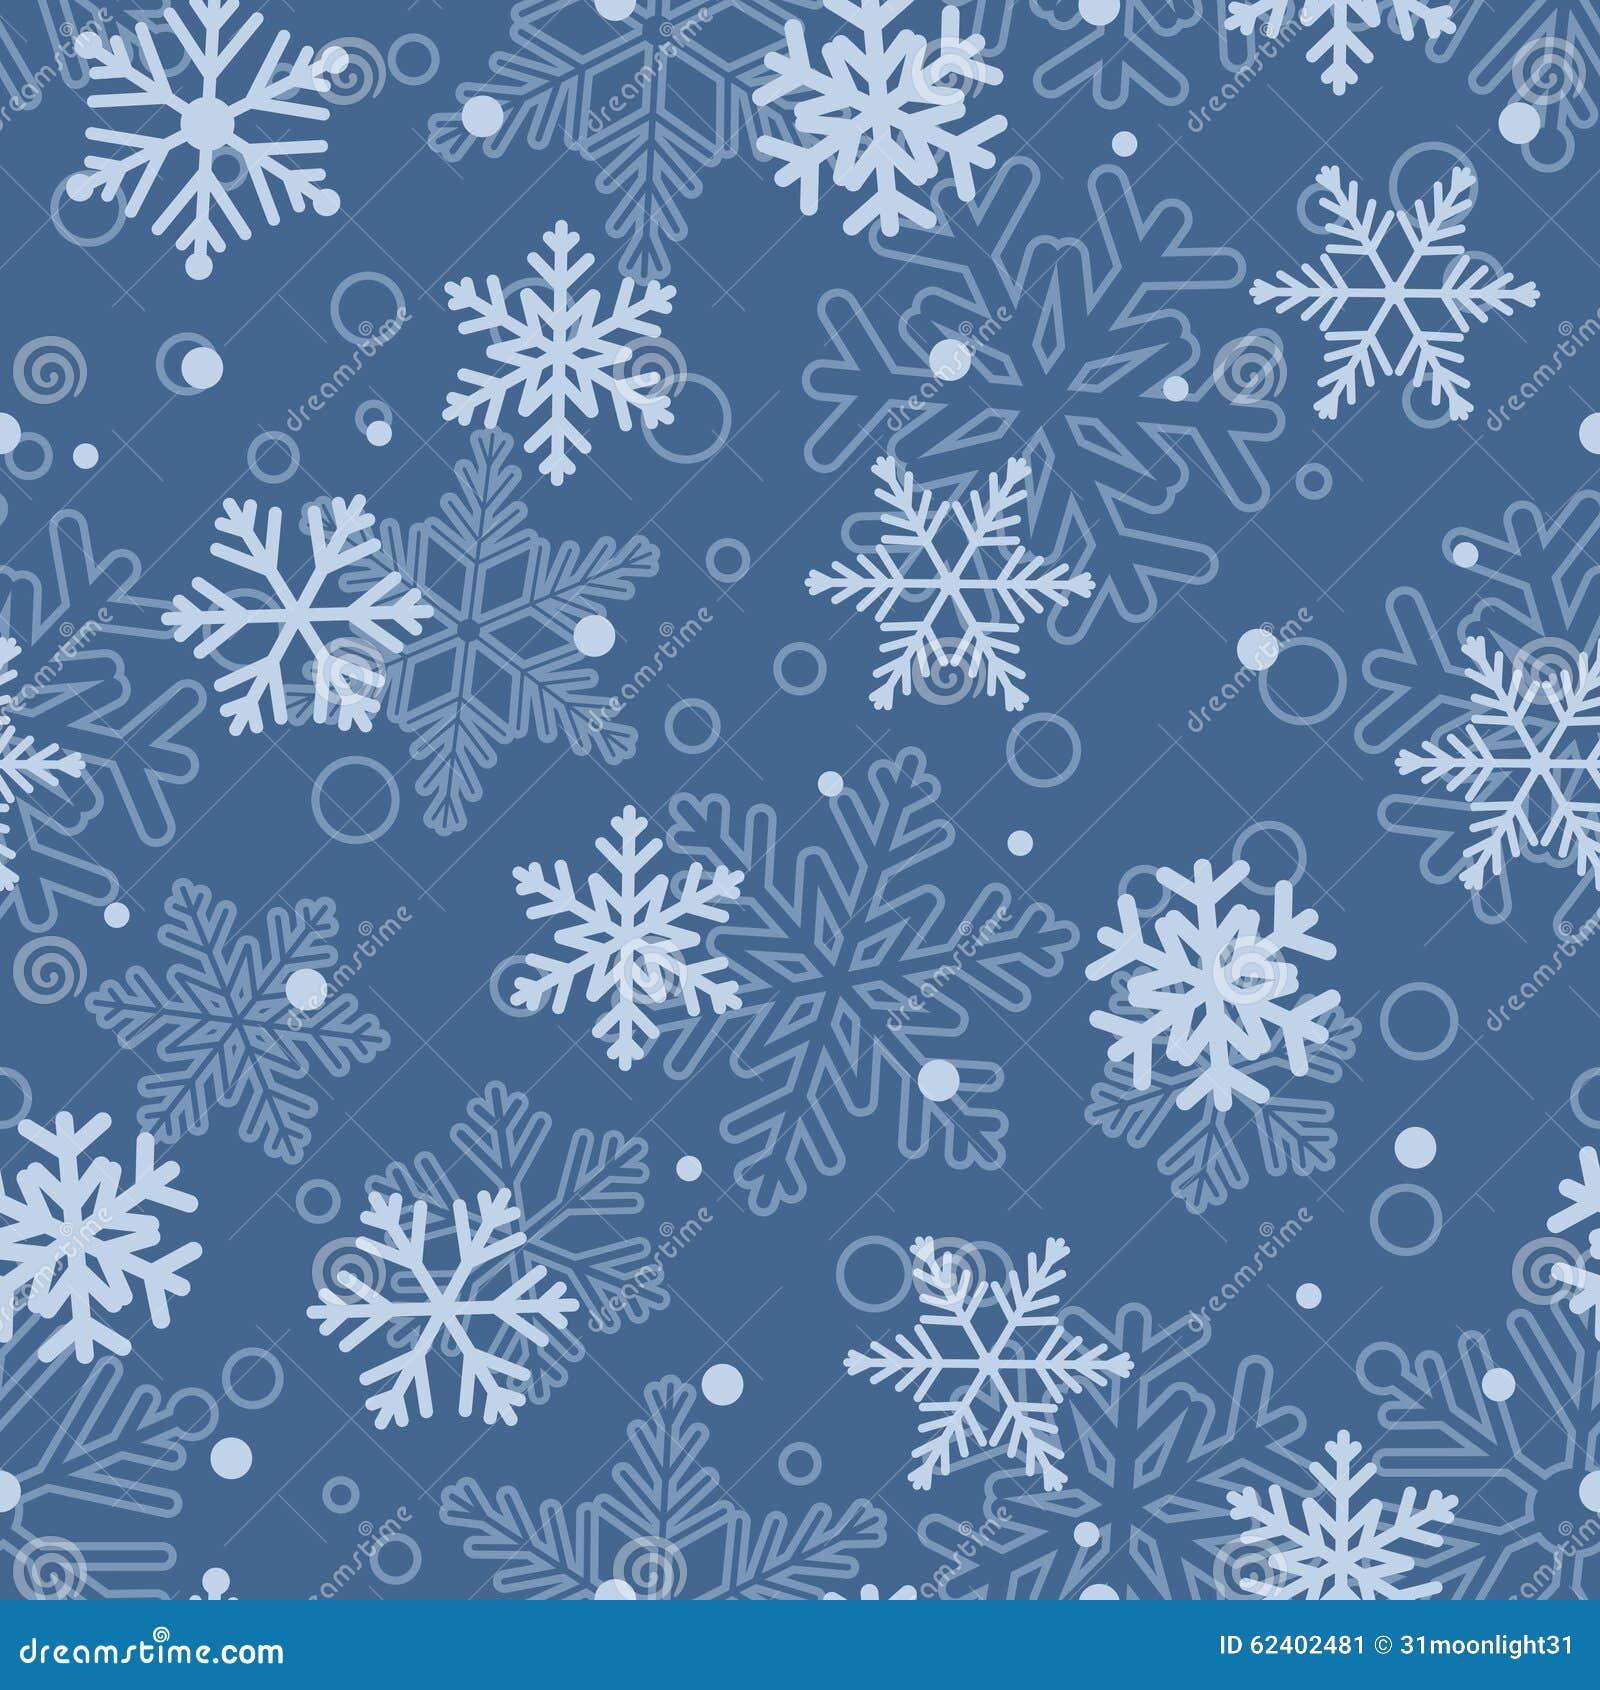 Nahtlose Schneeflocken Muster Lizenzfreies